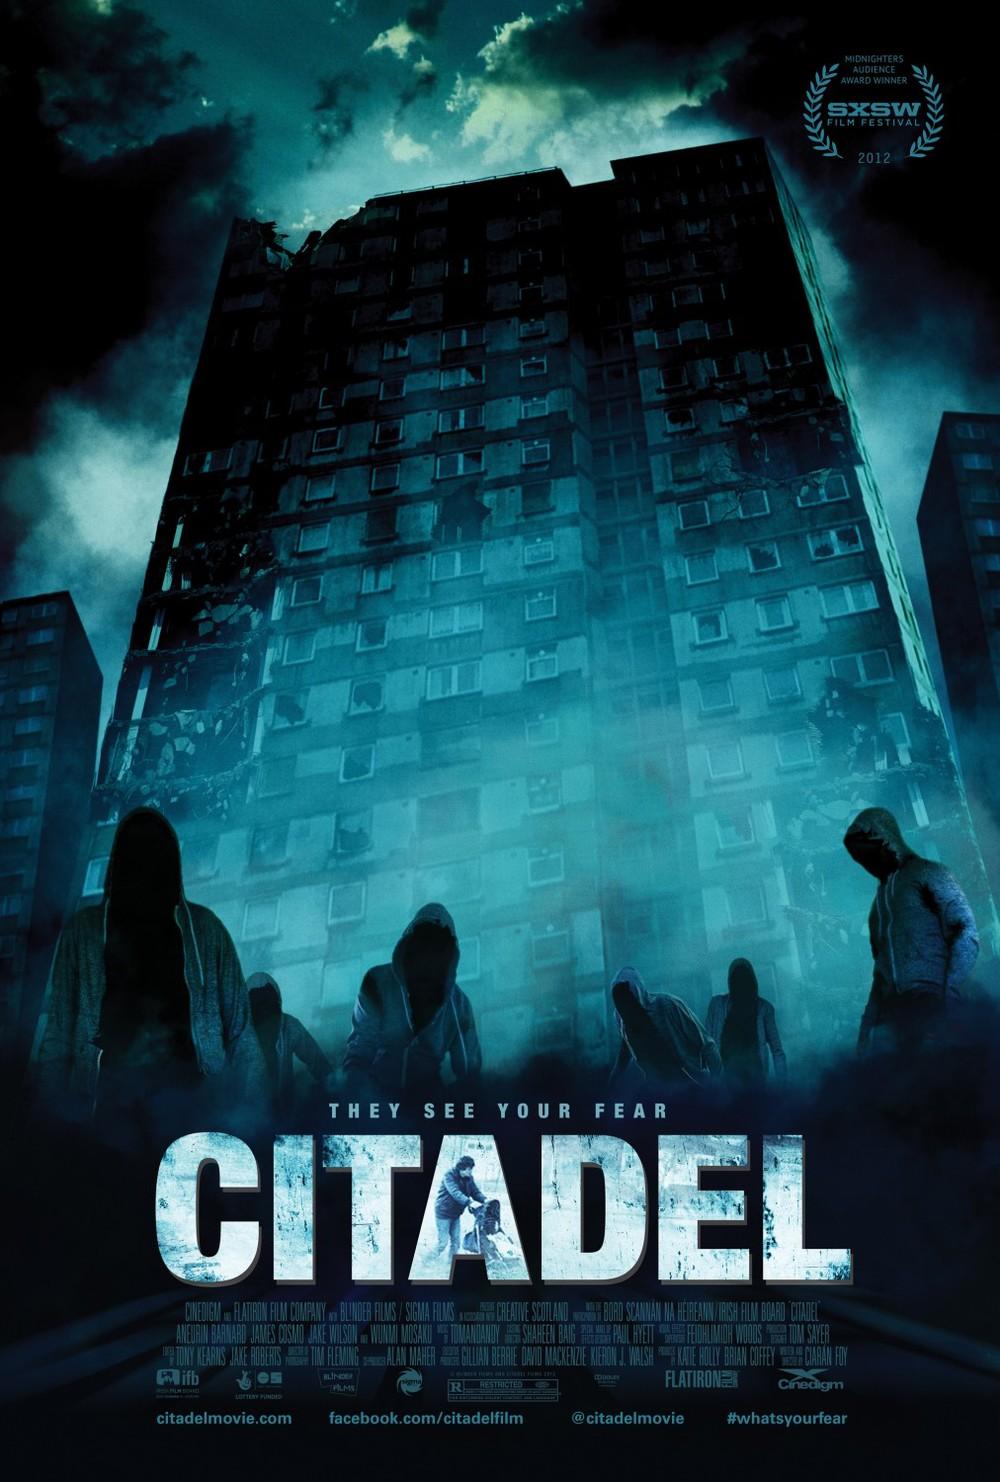 citadel_ver2_xlg.jpg